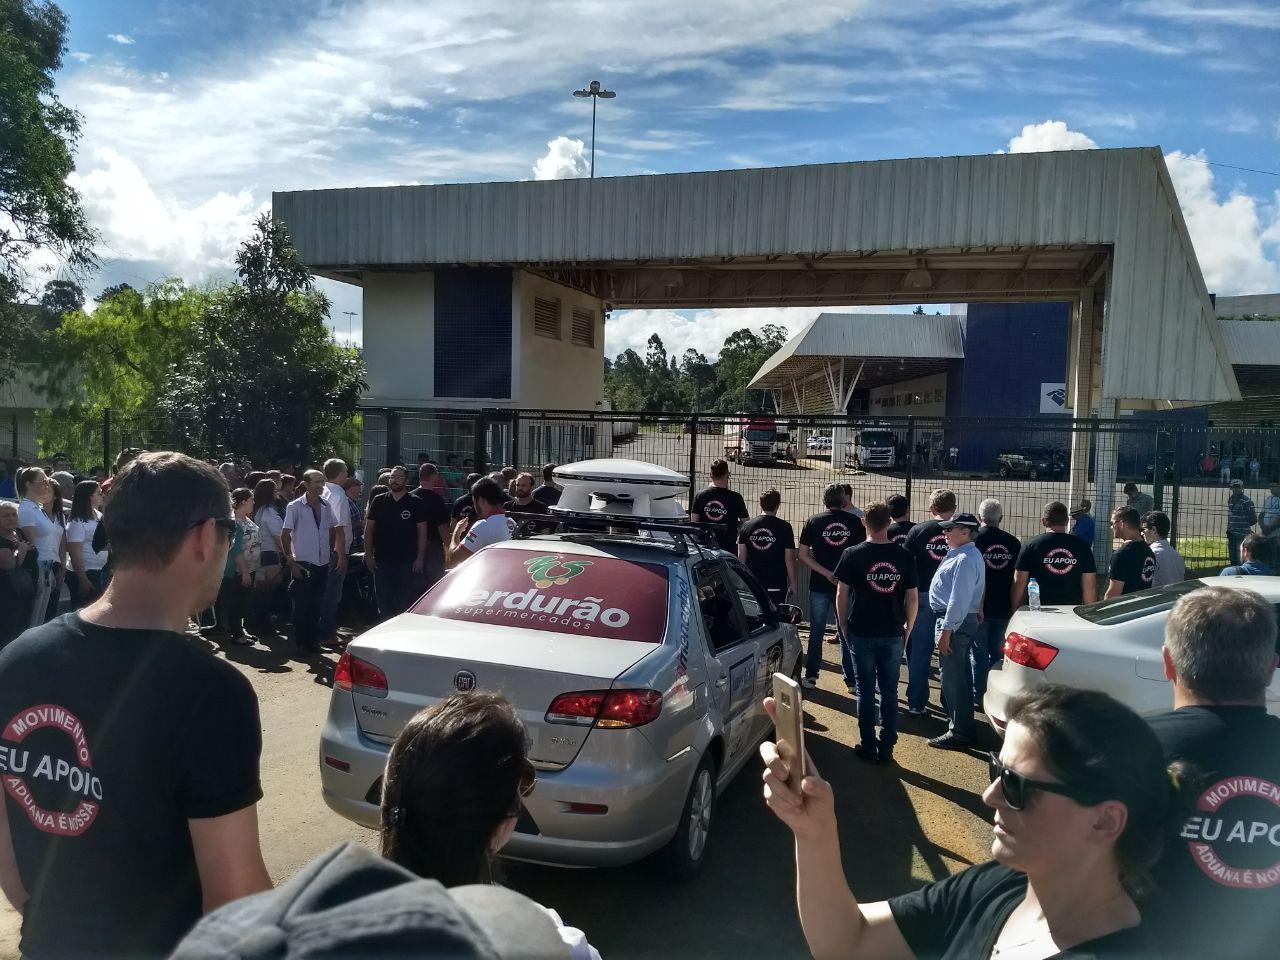 Mobilização cobra medidas para melhorar aduana em Dionísio Cerqueira